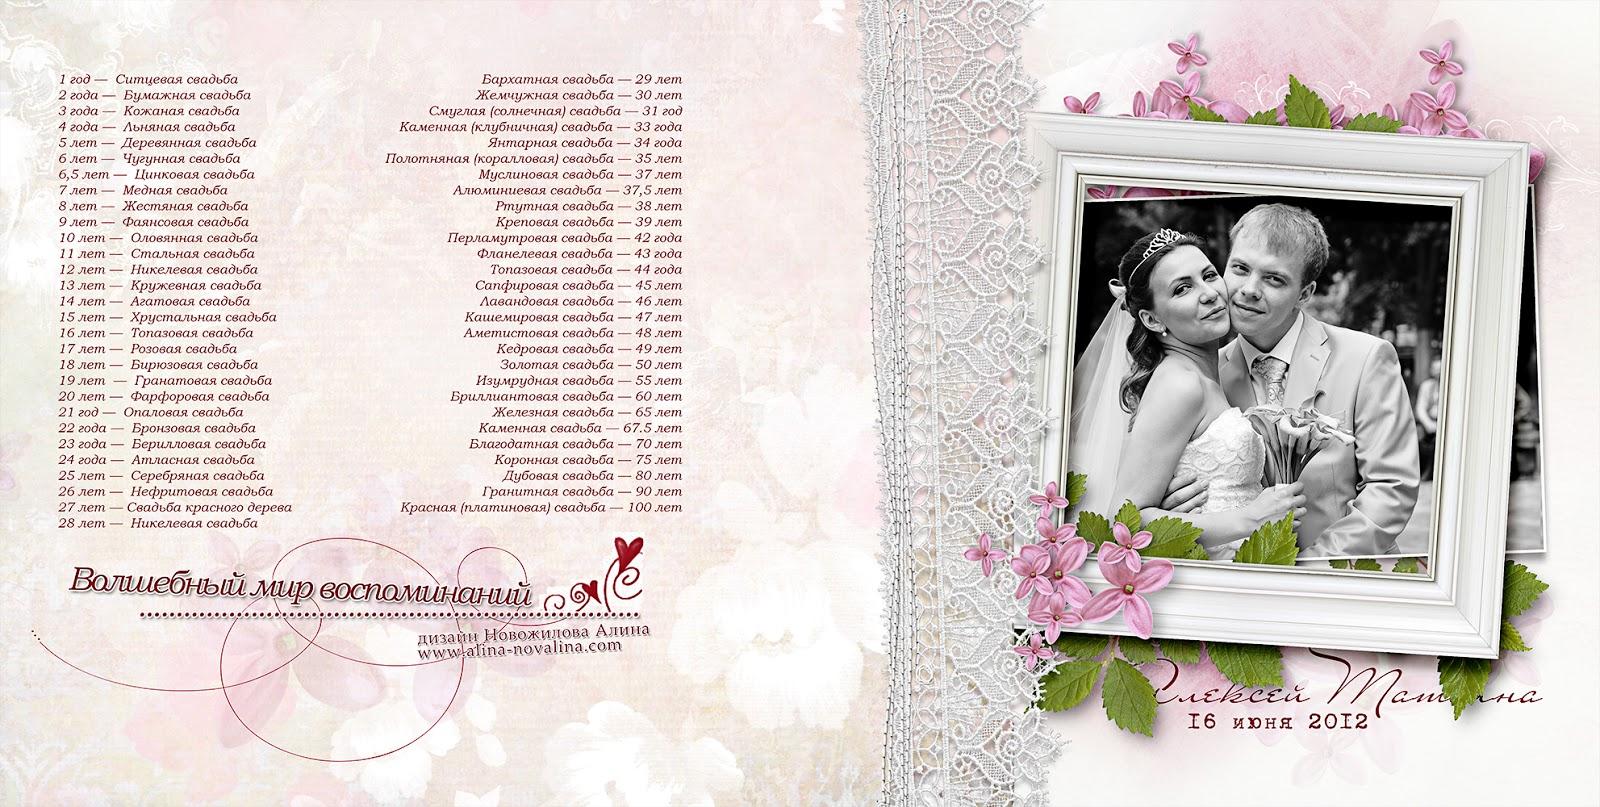 С годовщиной свадьбы 32 года поздравления